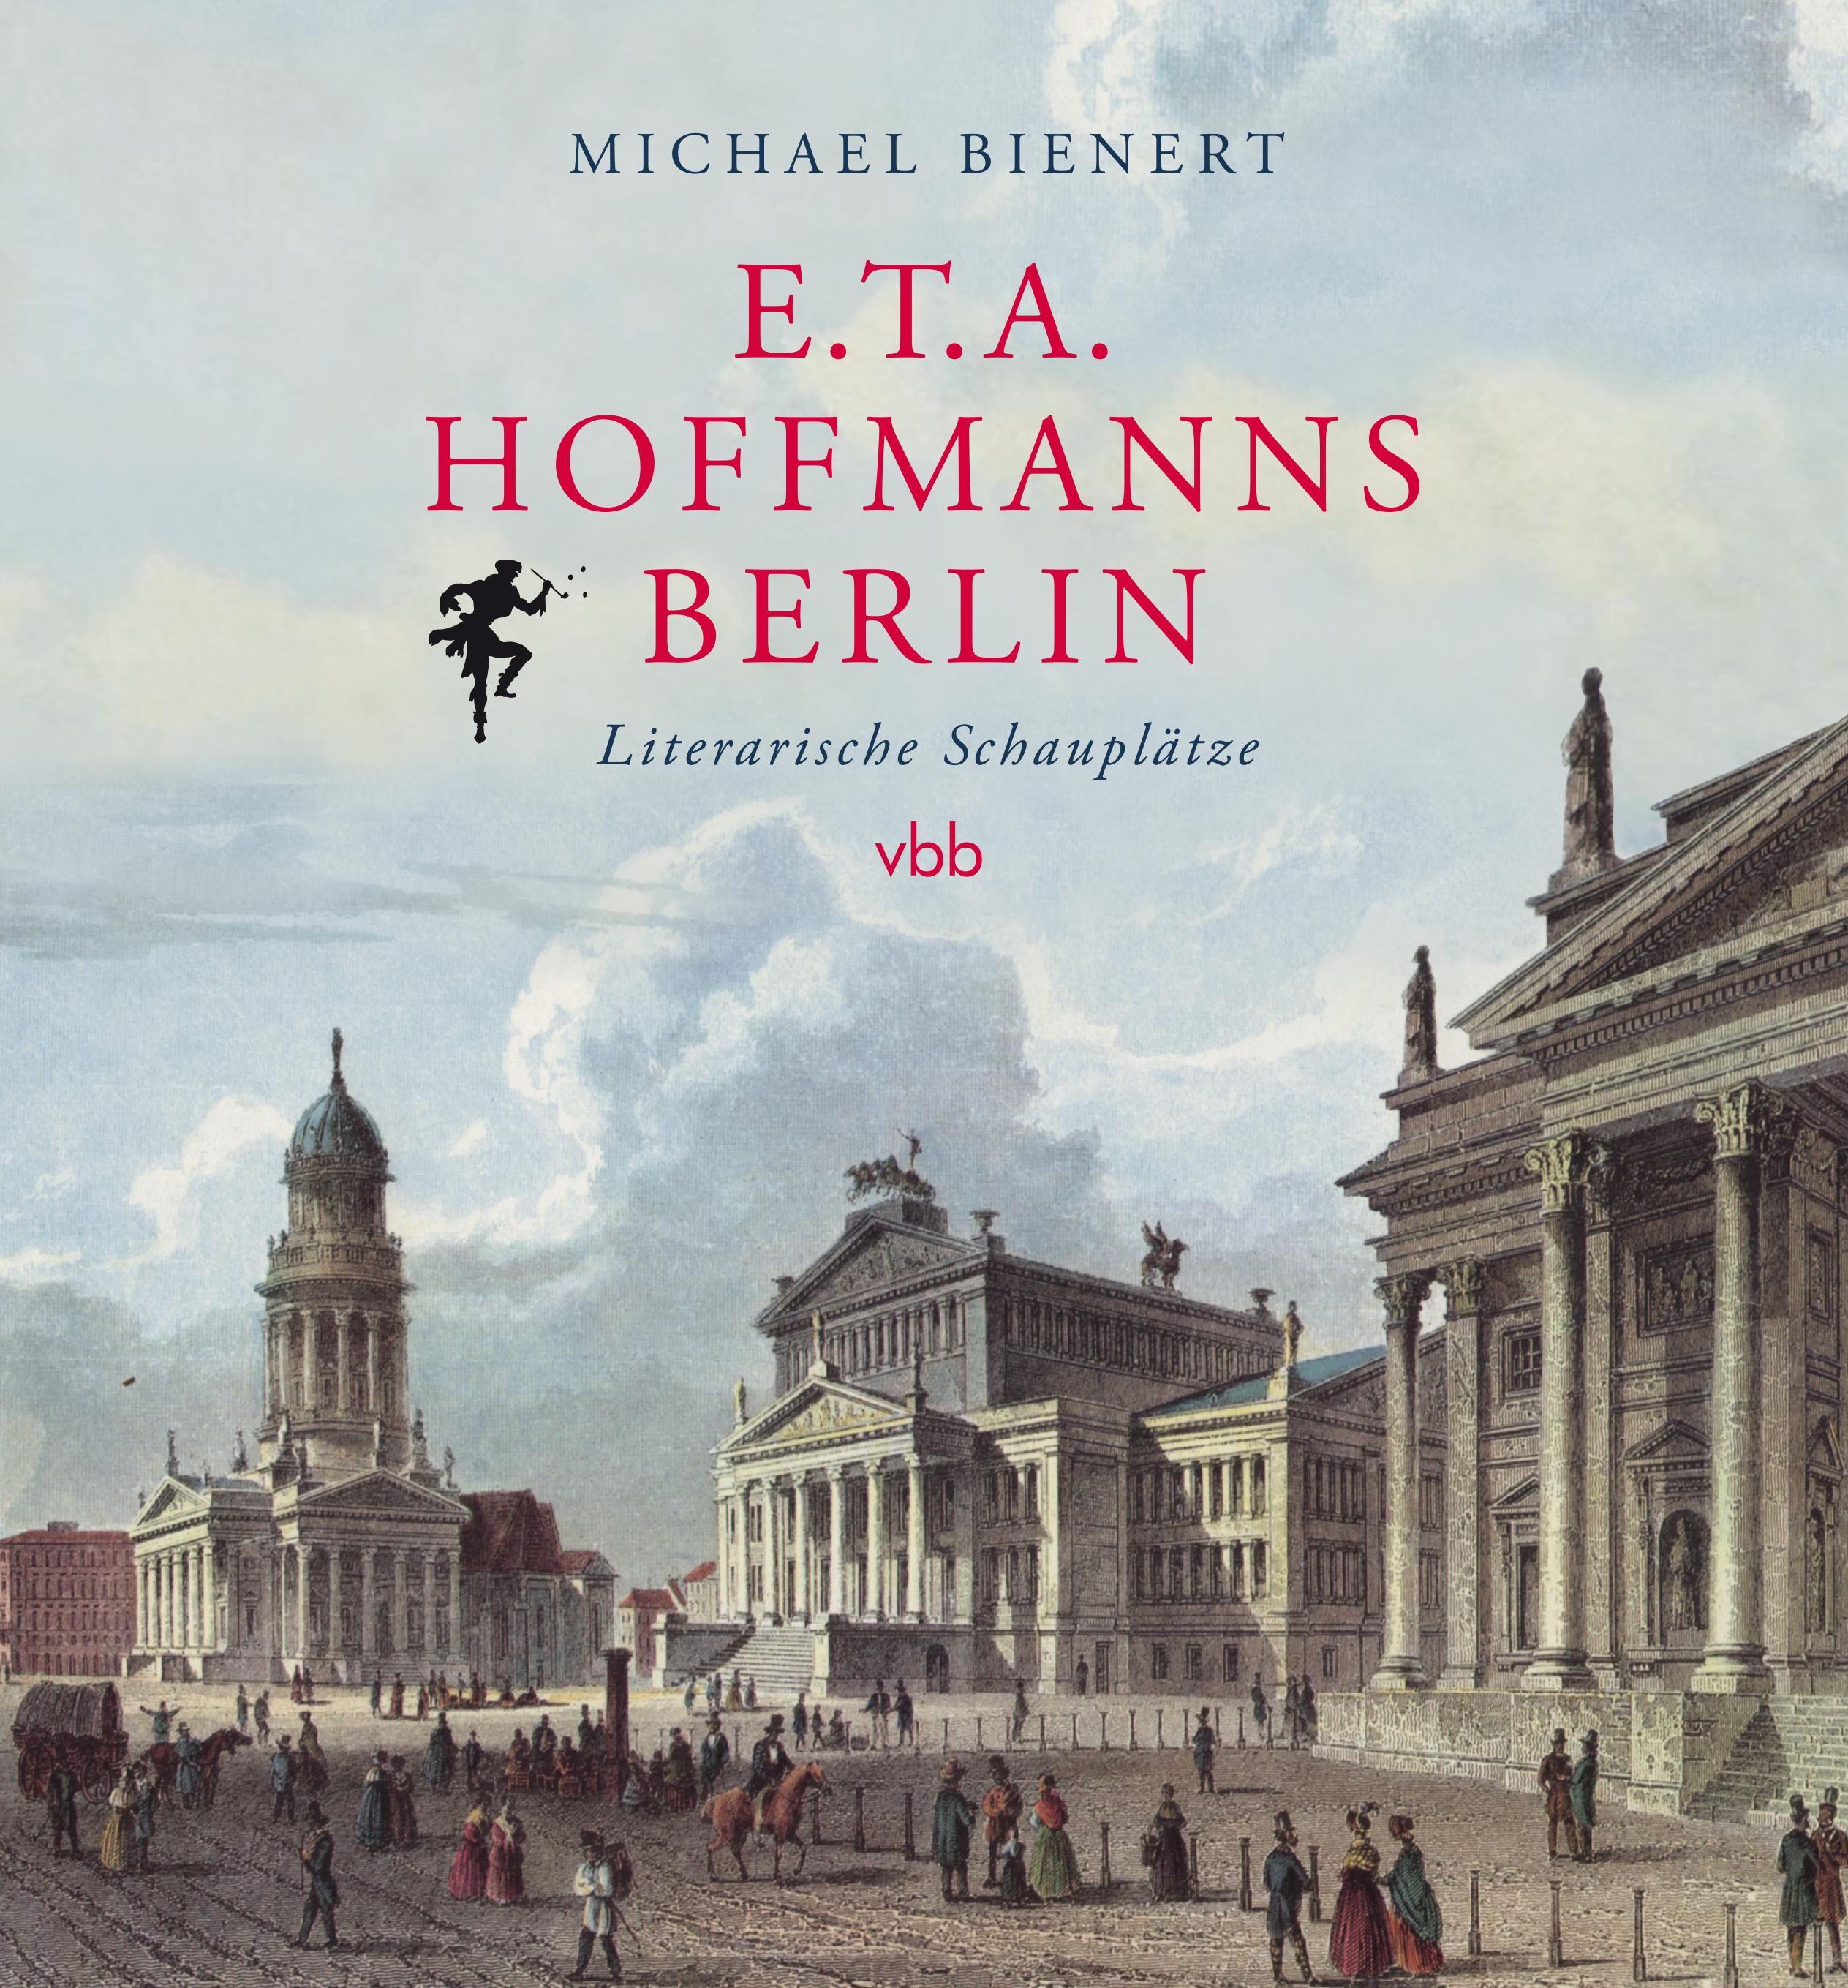 E.T.A. Hoffmanns Berlin